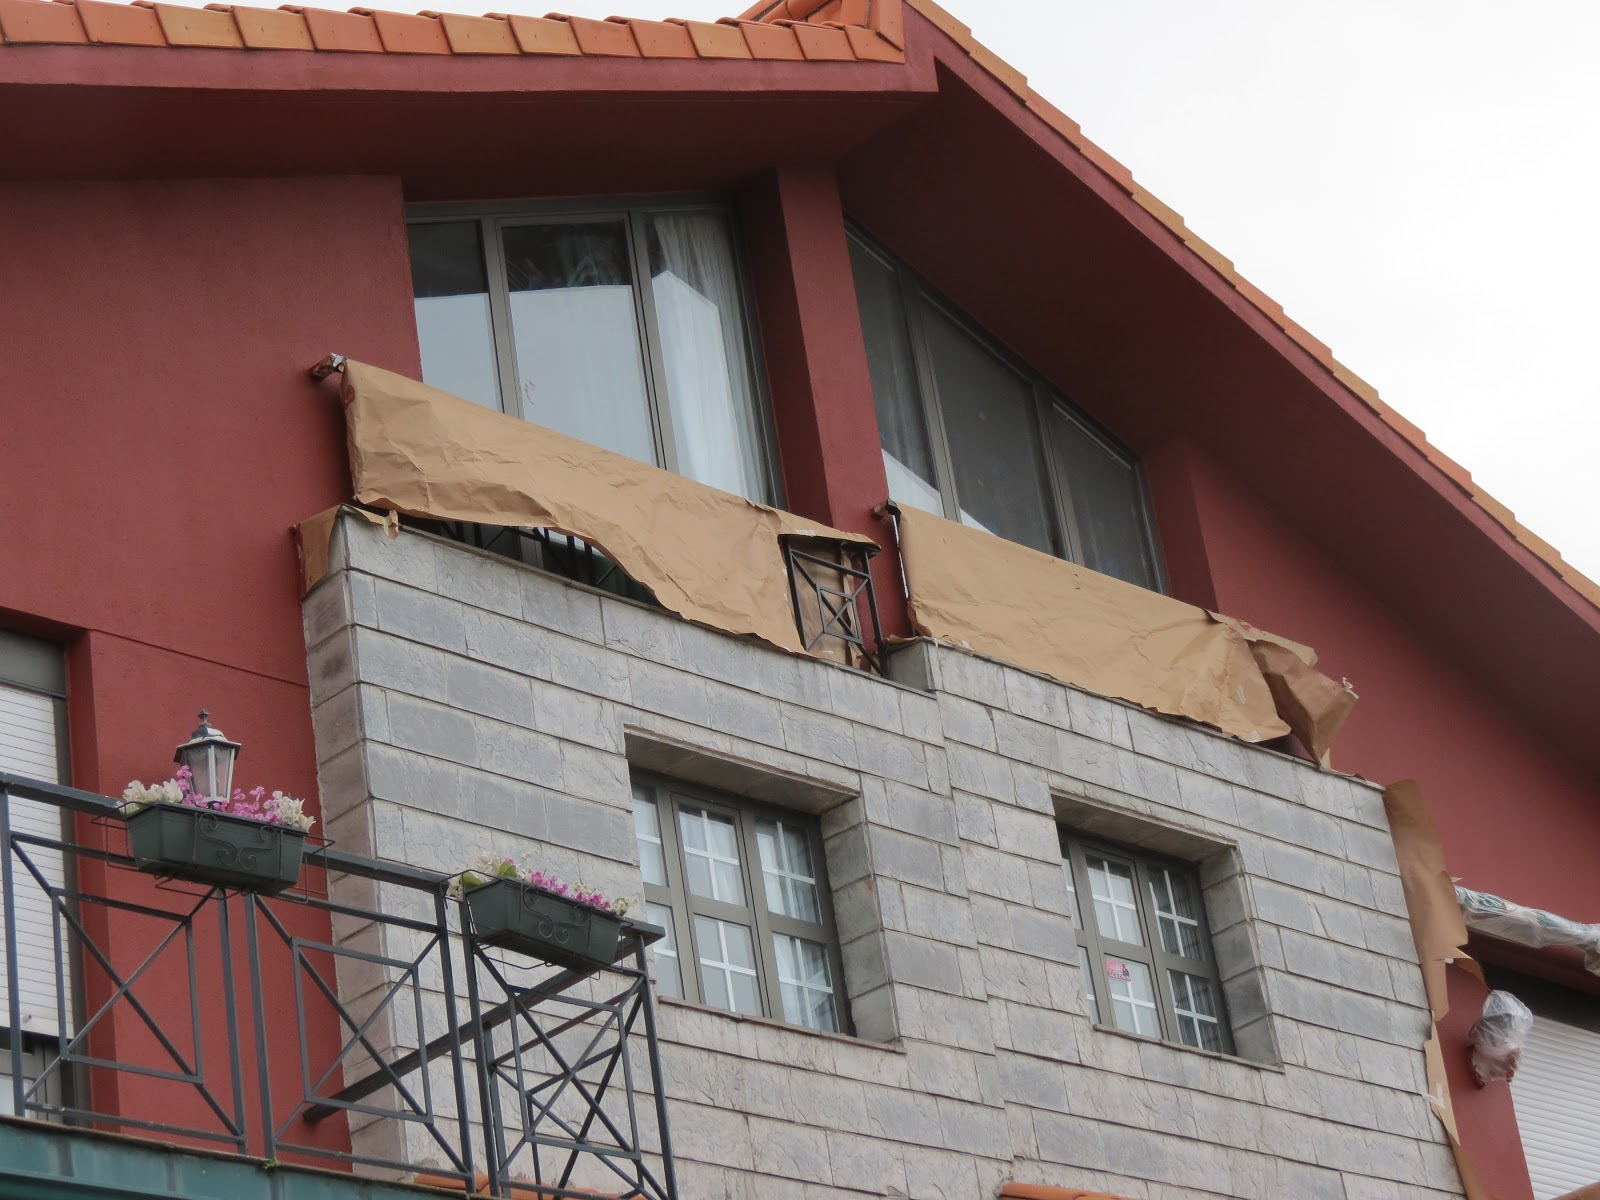 Pintura y decoraci n pintura en exterior fachada en chalet - Pintura exterior fachada ...